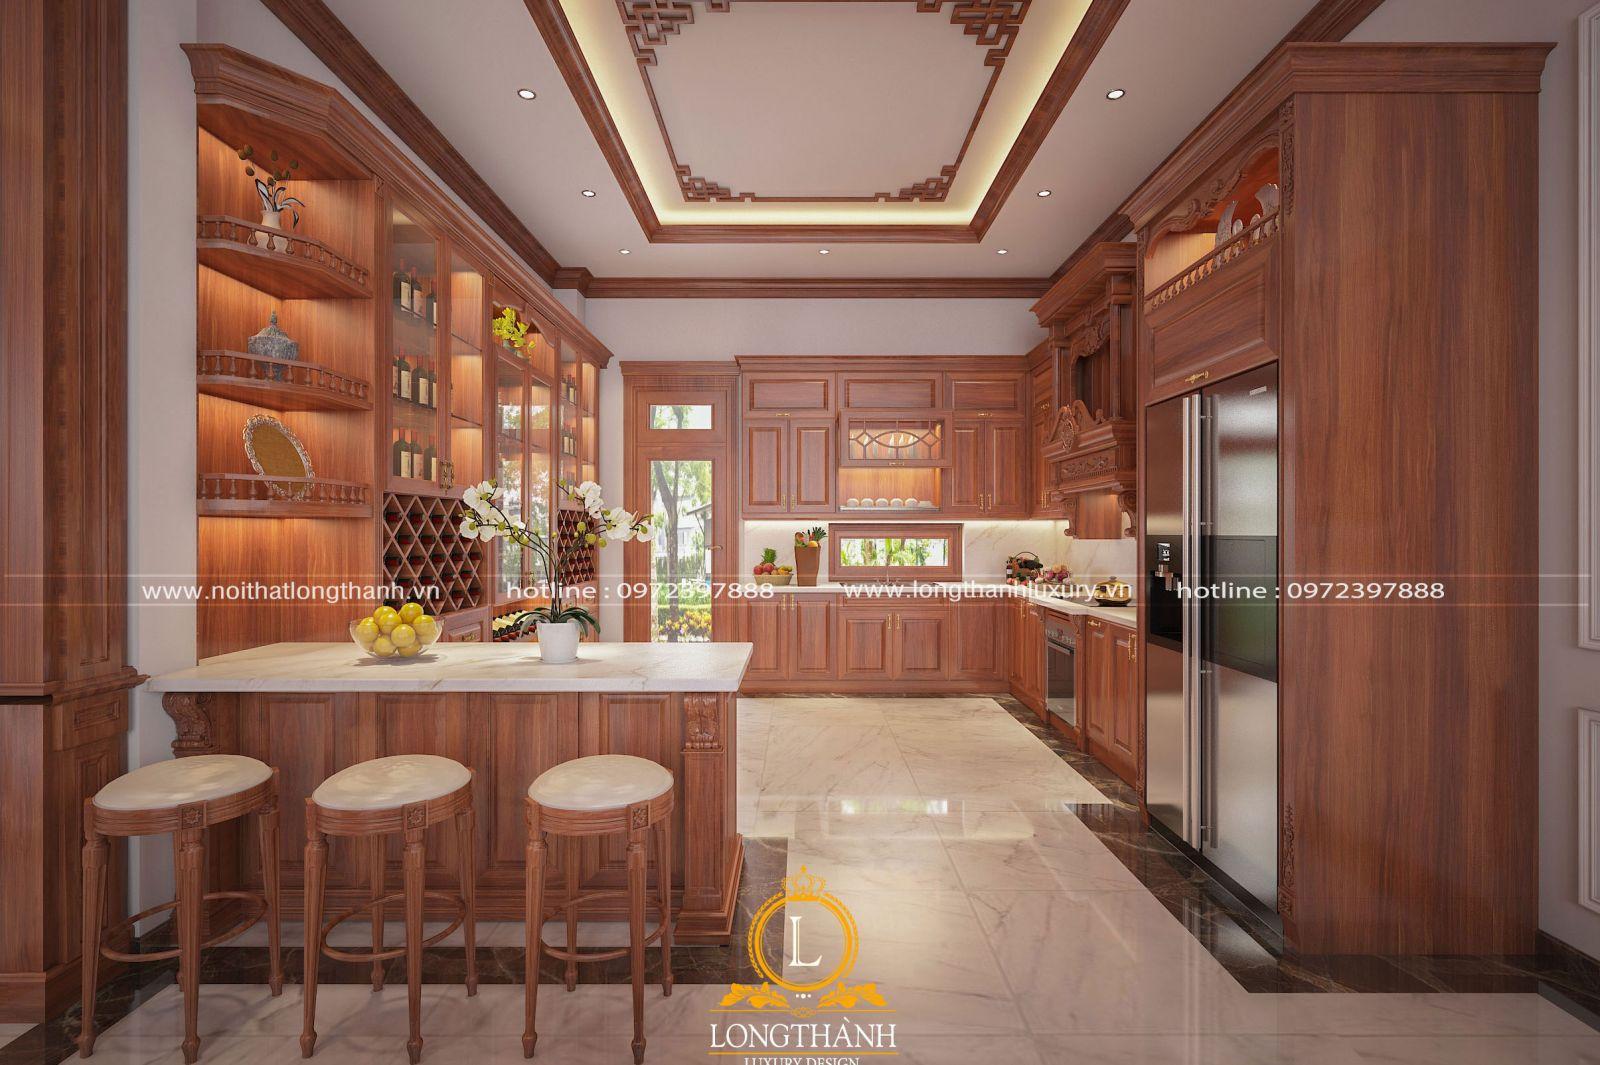 Tủ bếp tân gỗ tự nhiên kết hợp tủ rượu và quầy bar